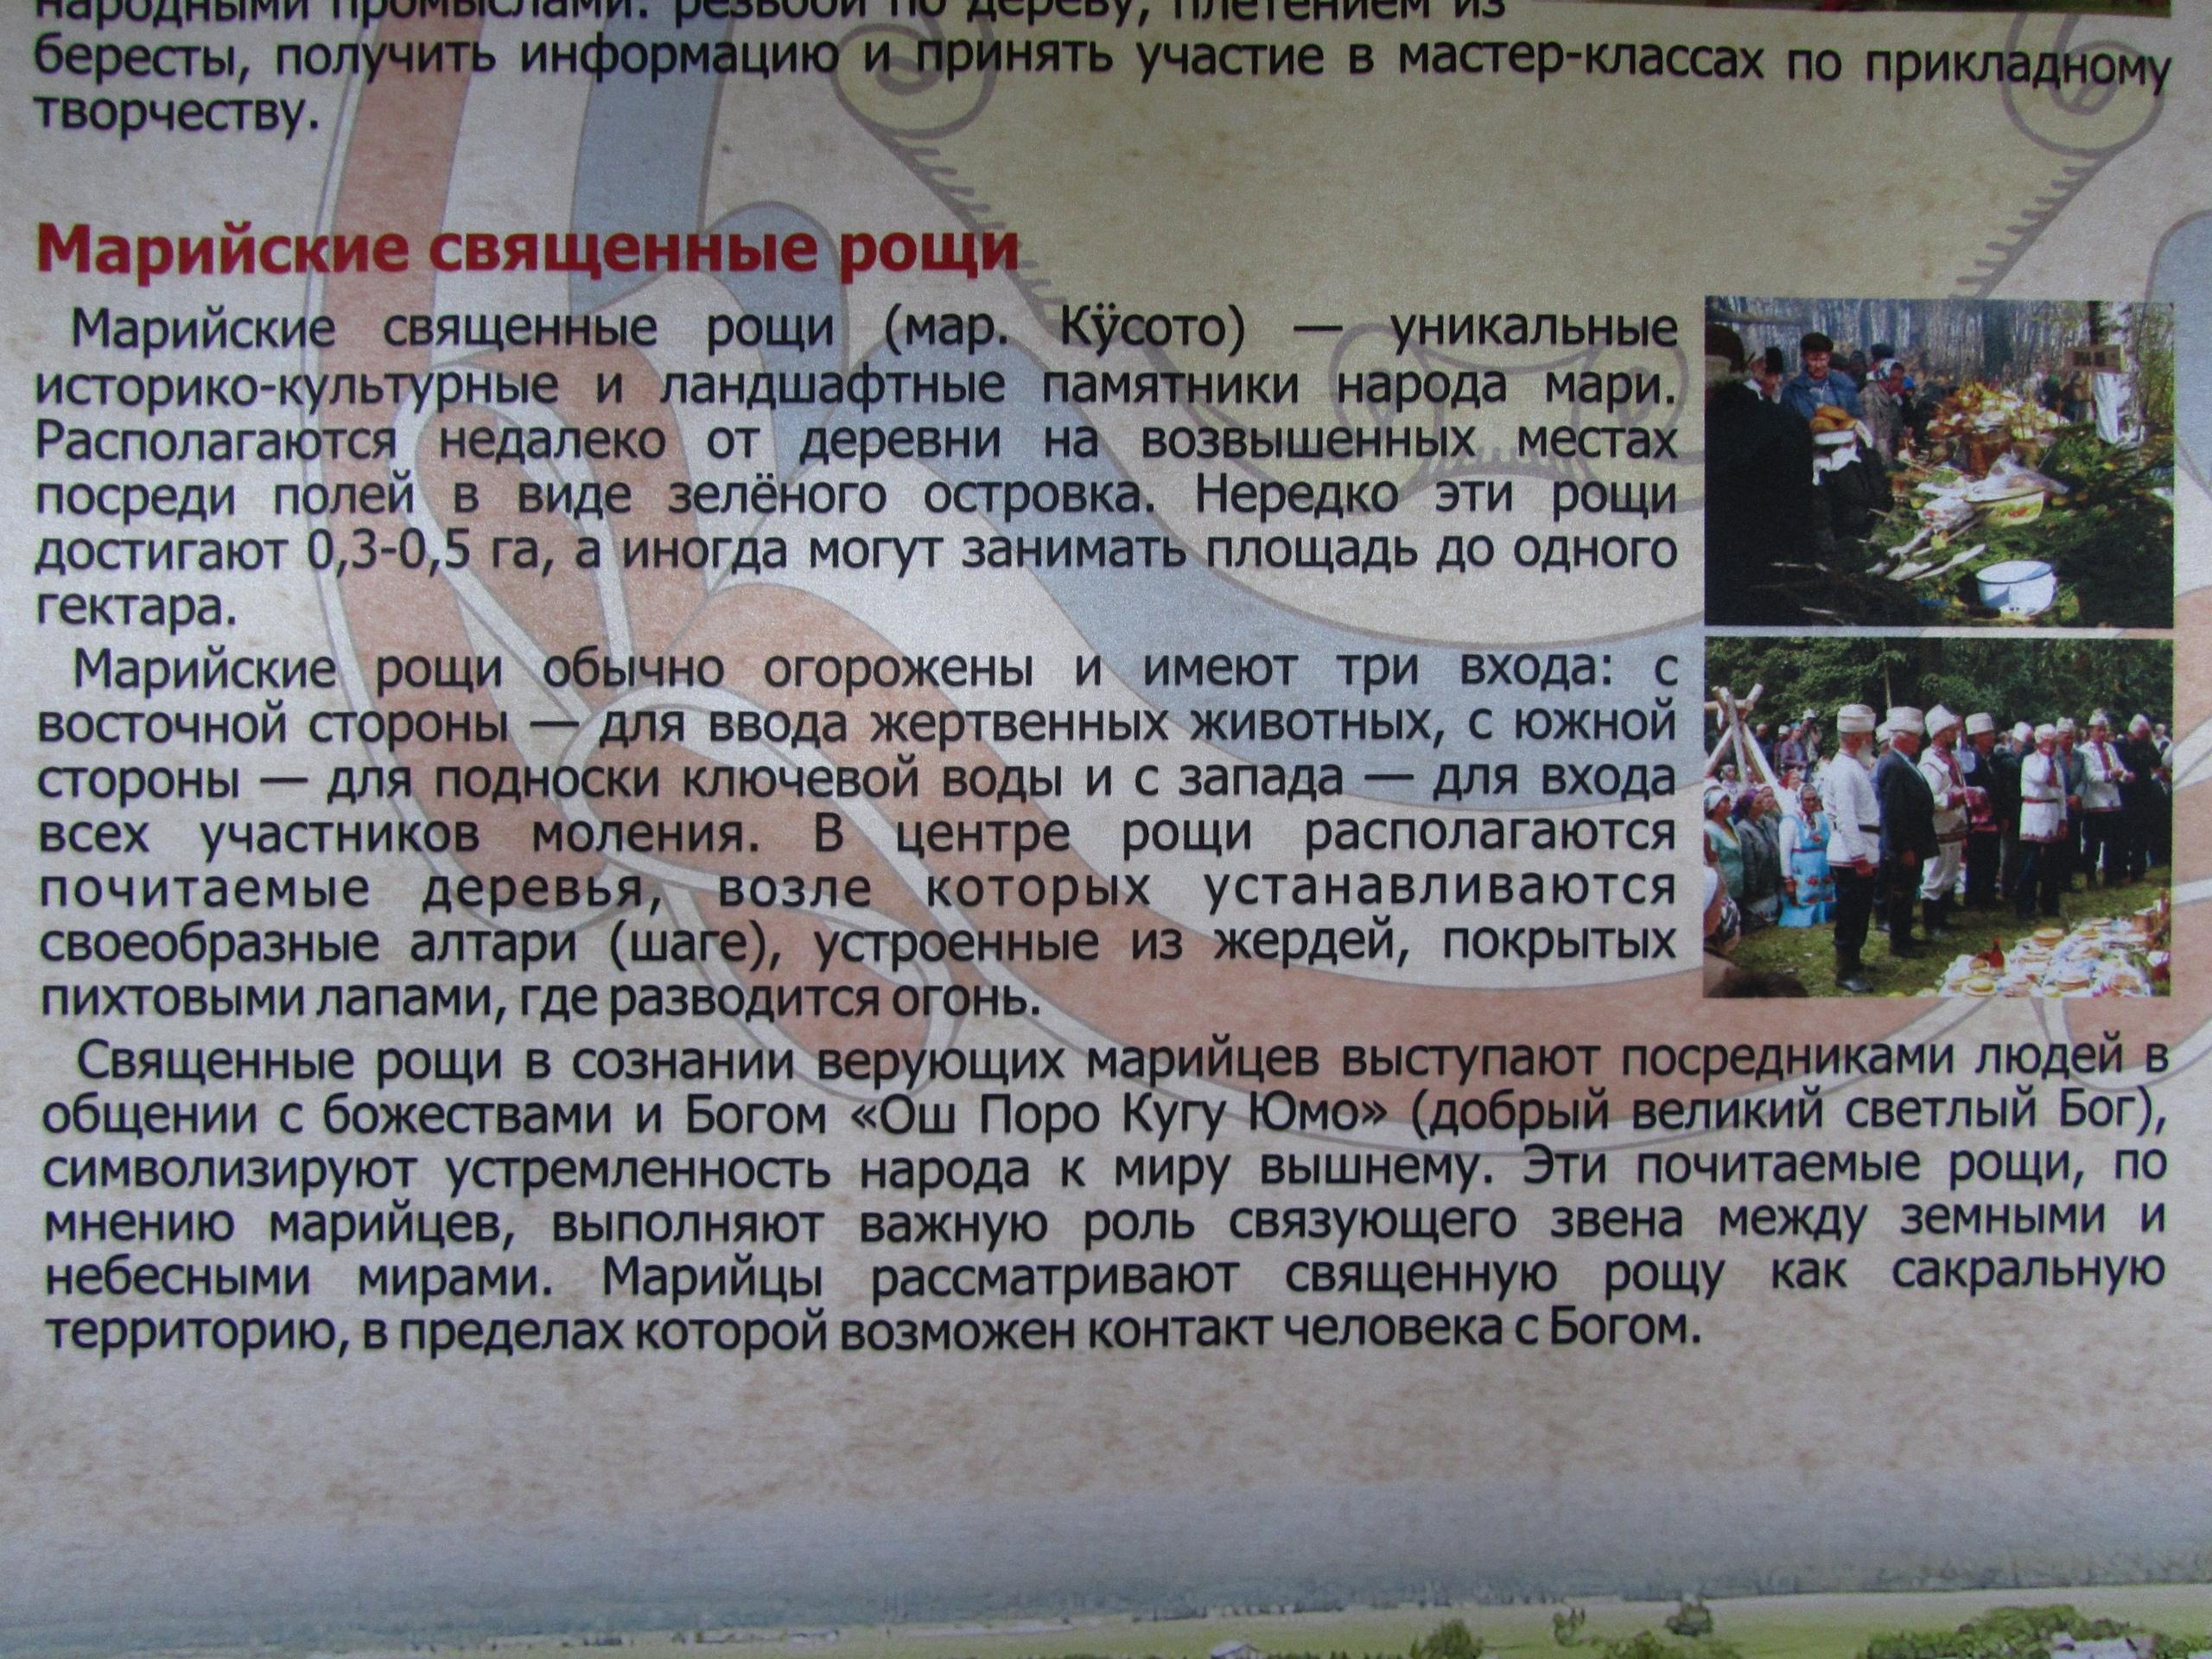 о марийских священных рощах в финно-югорском этнопарке